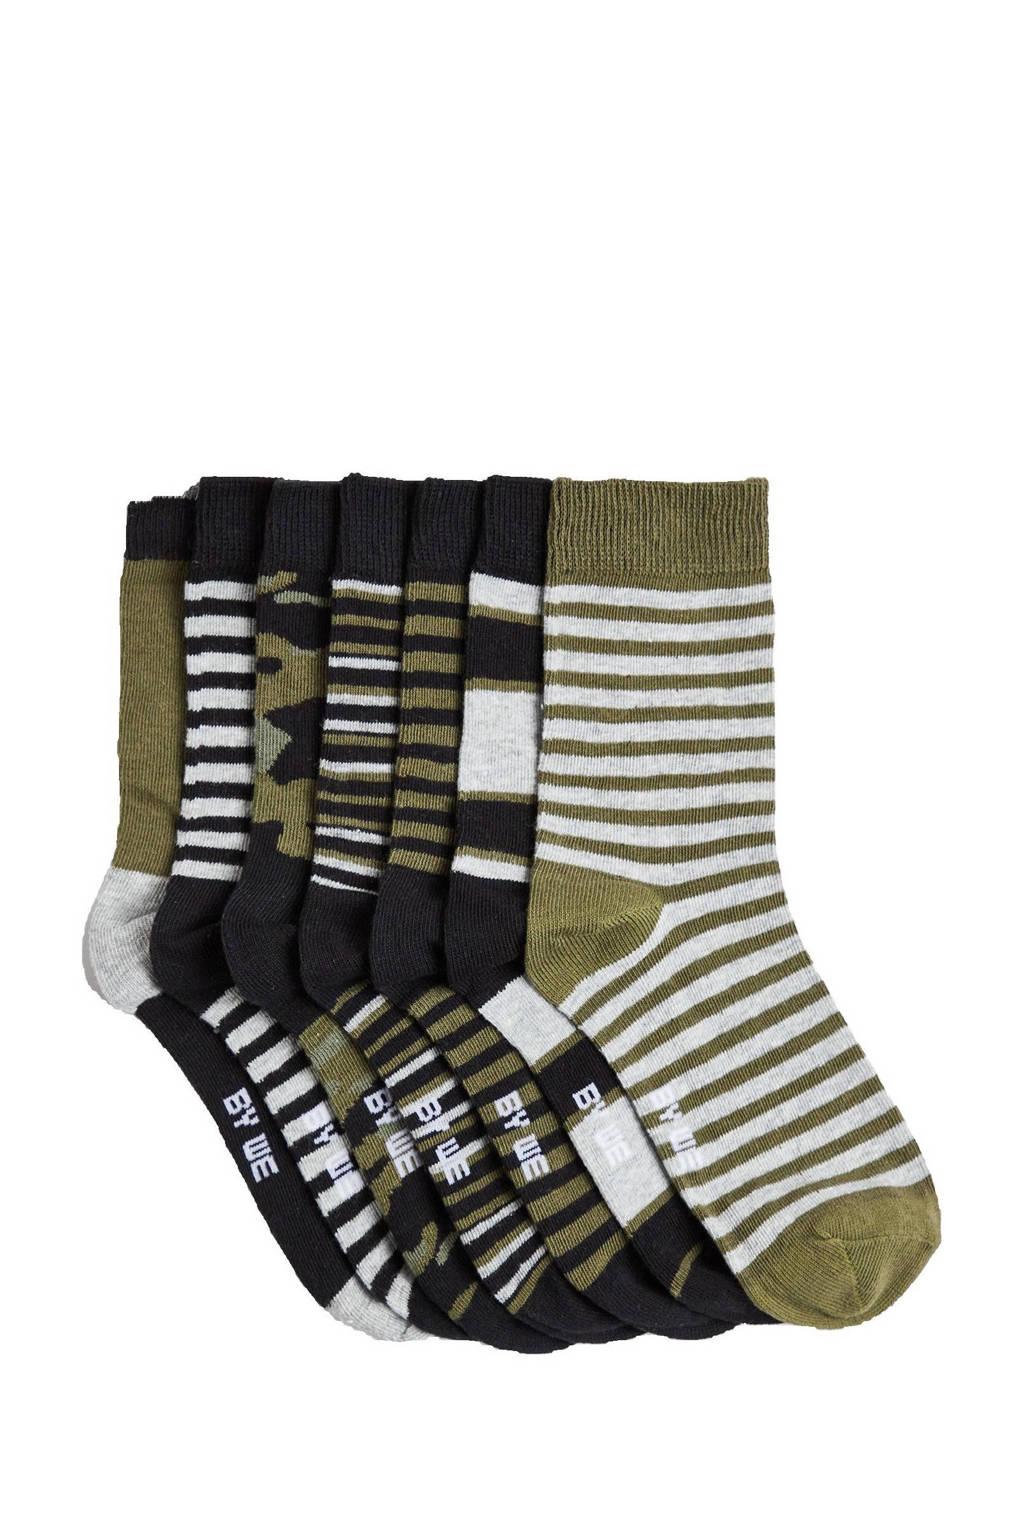 WE Fashion sokken - set van 7 kaki/zwart, Kaki/zwart/gijs